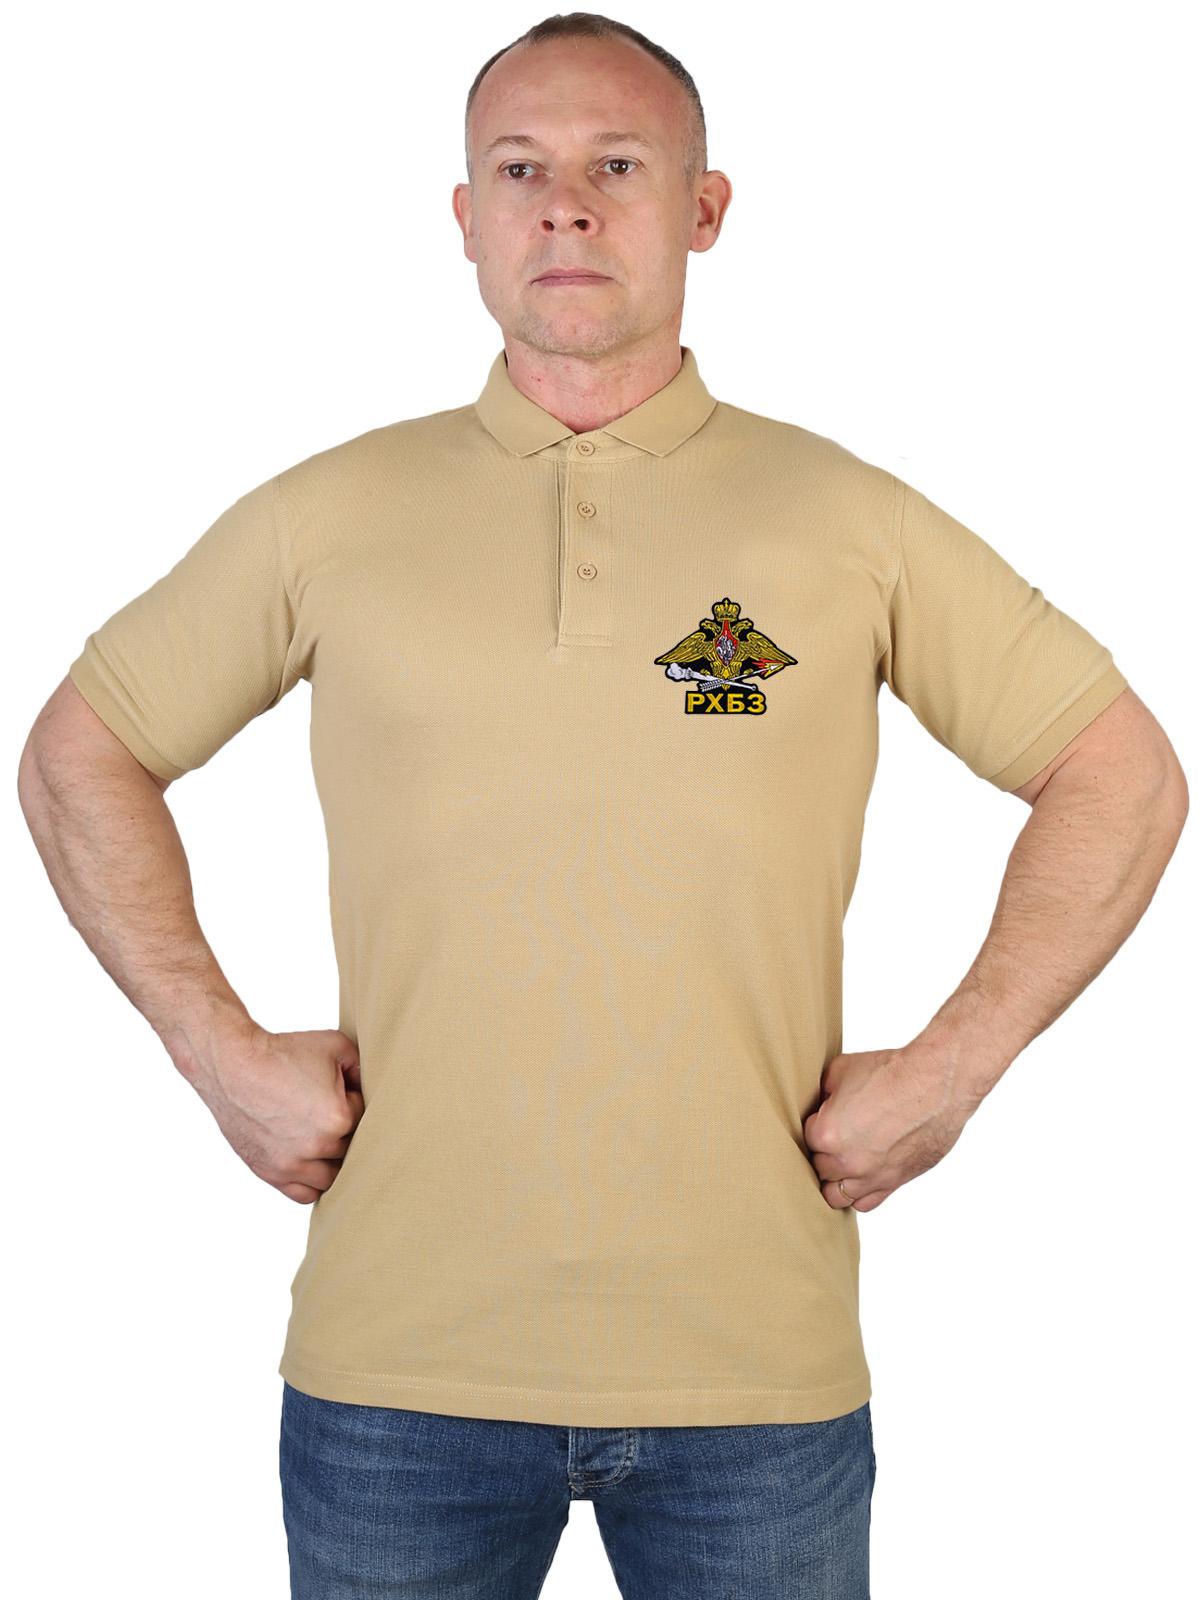 Купить хлопковую песочную футболку-поло с вышивкой РХБЗ в подарок